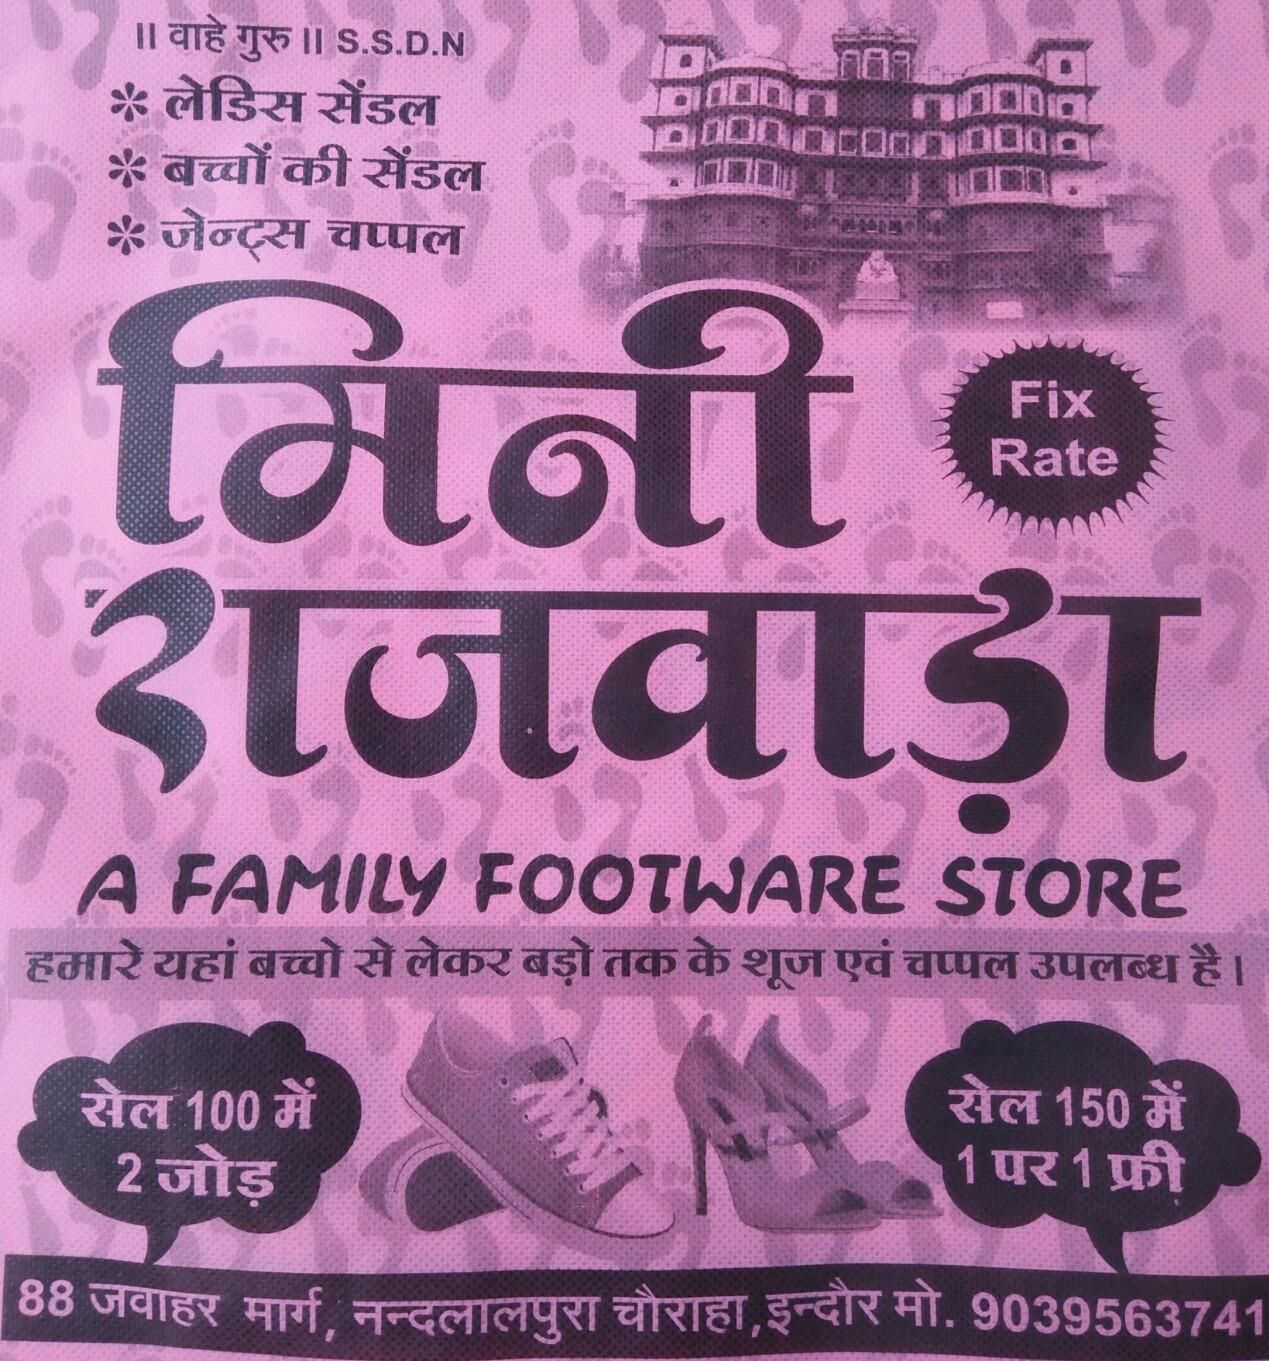 Mini rajwada (satnam footwear)